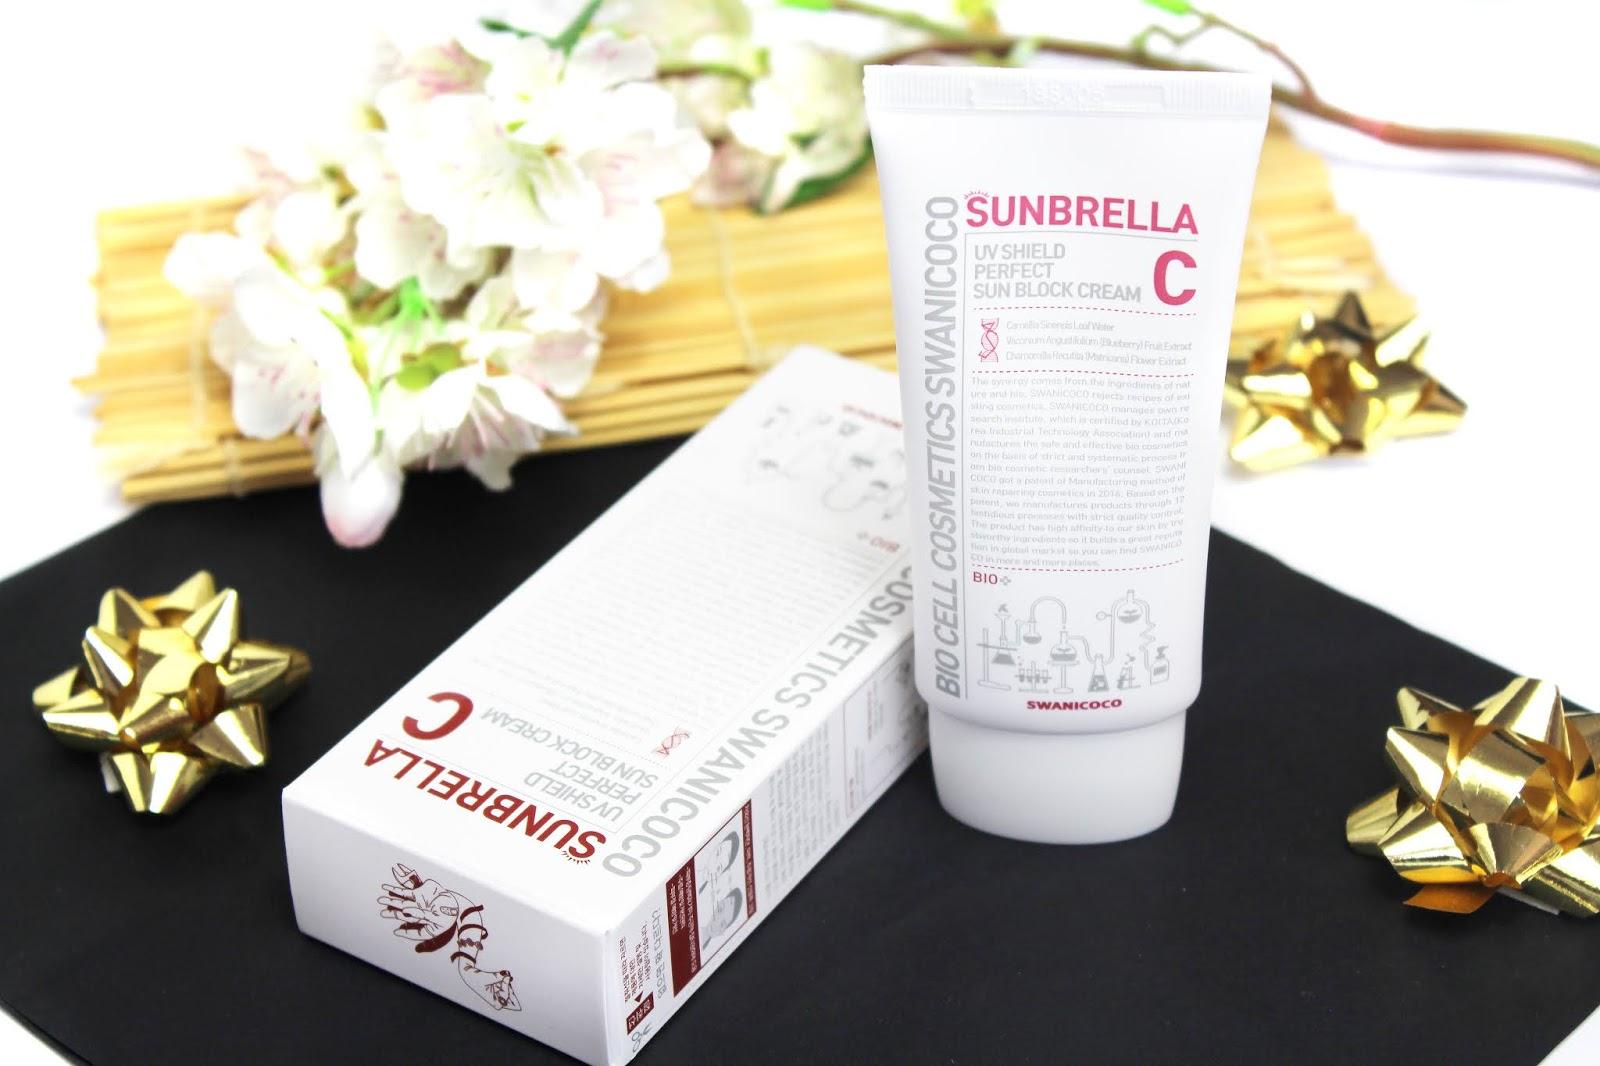 Swanicoco, UV Shield Perfect, Sunbrella C